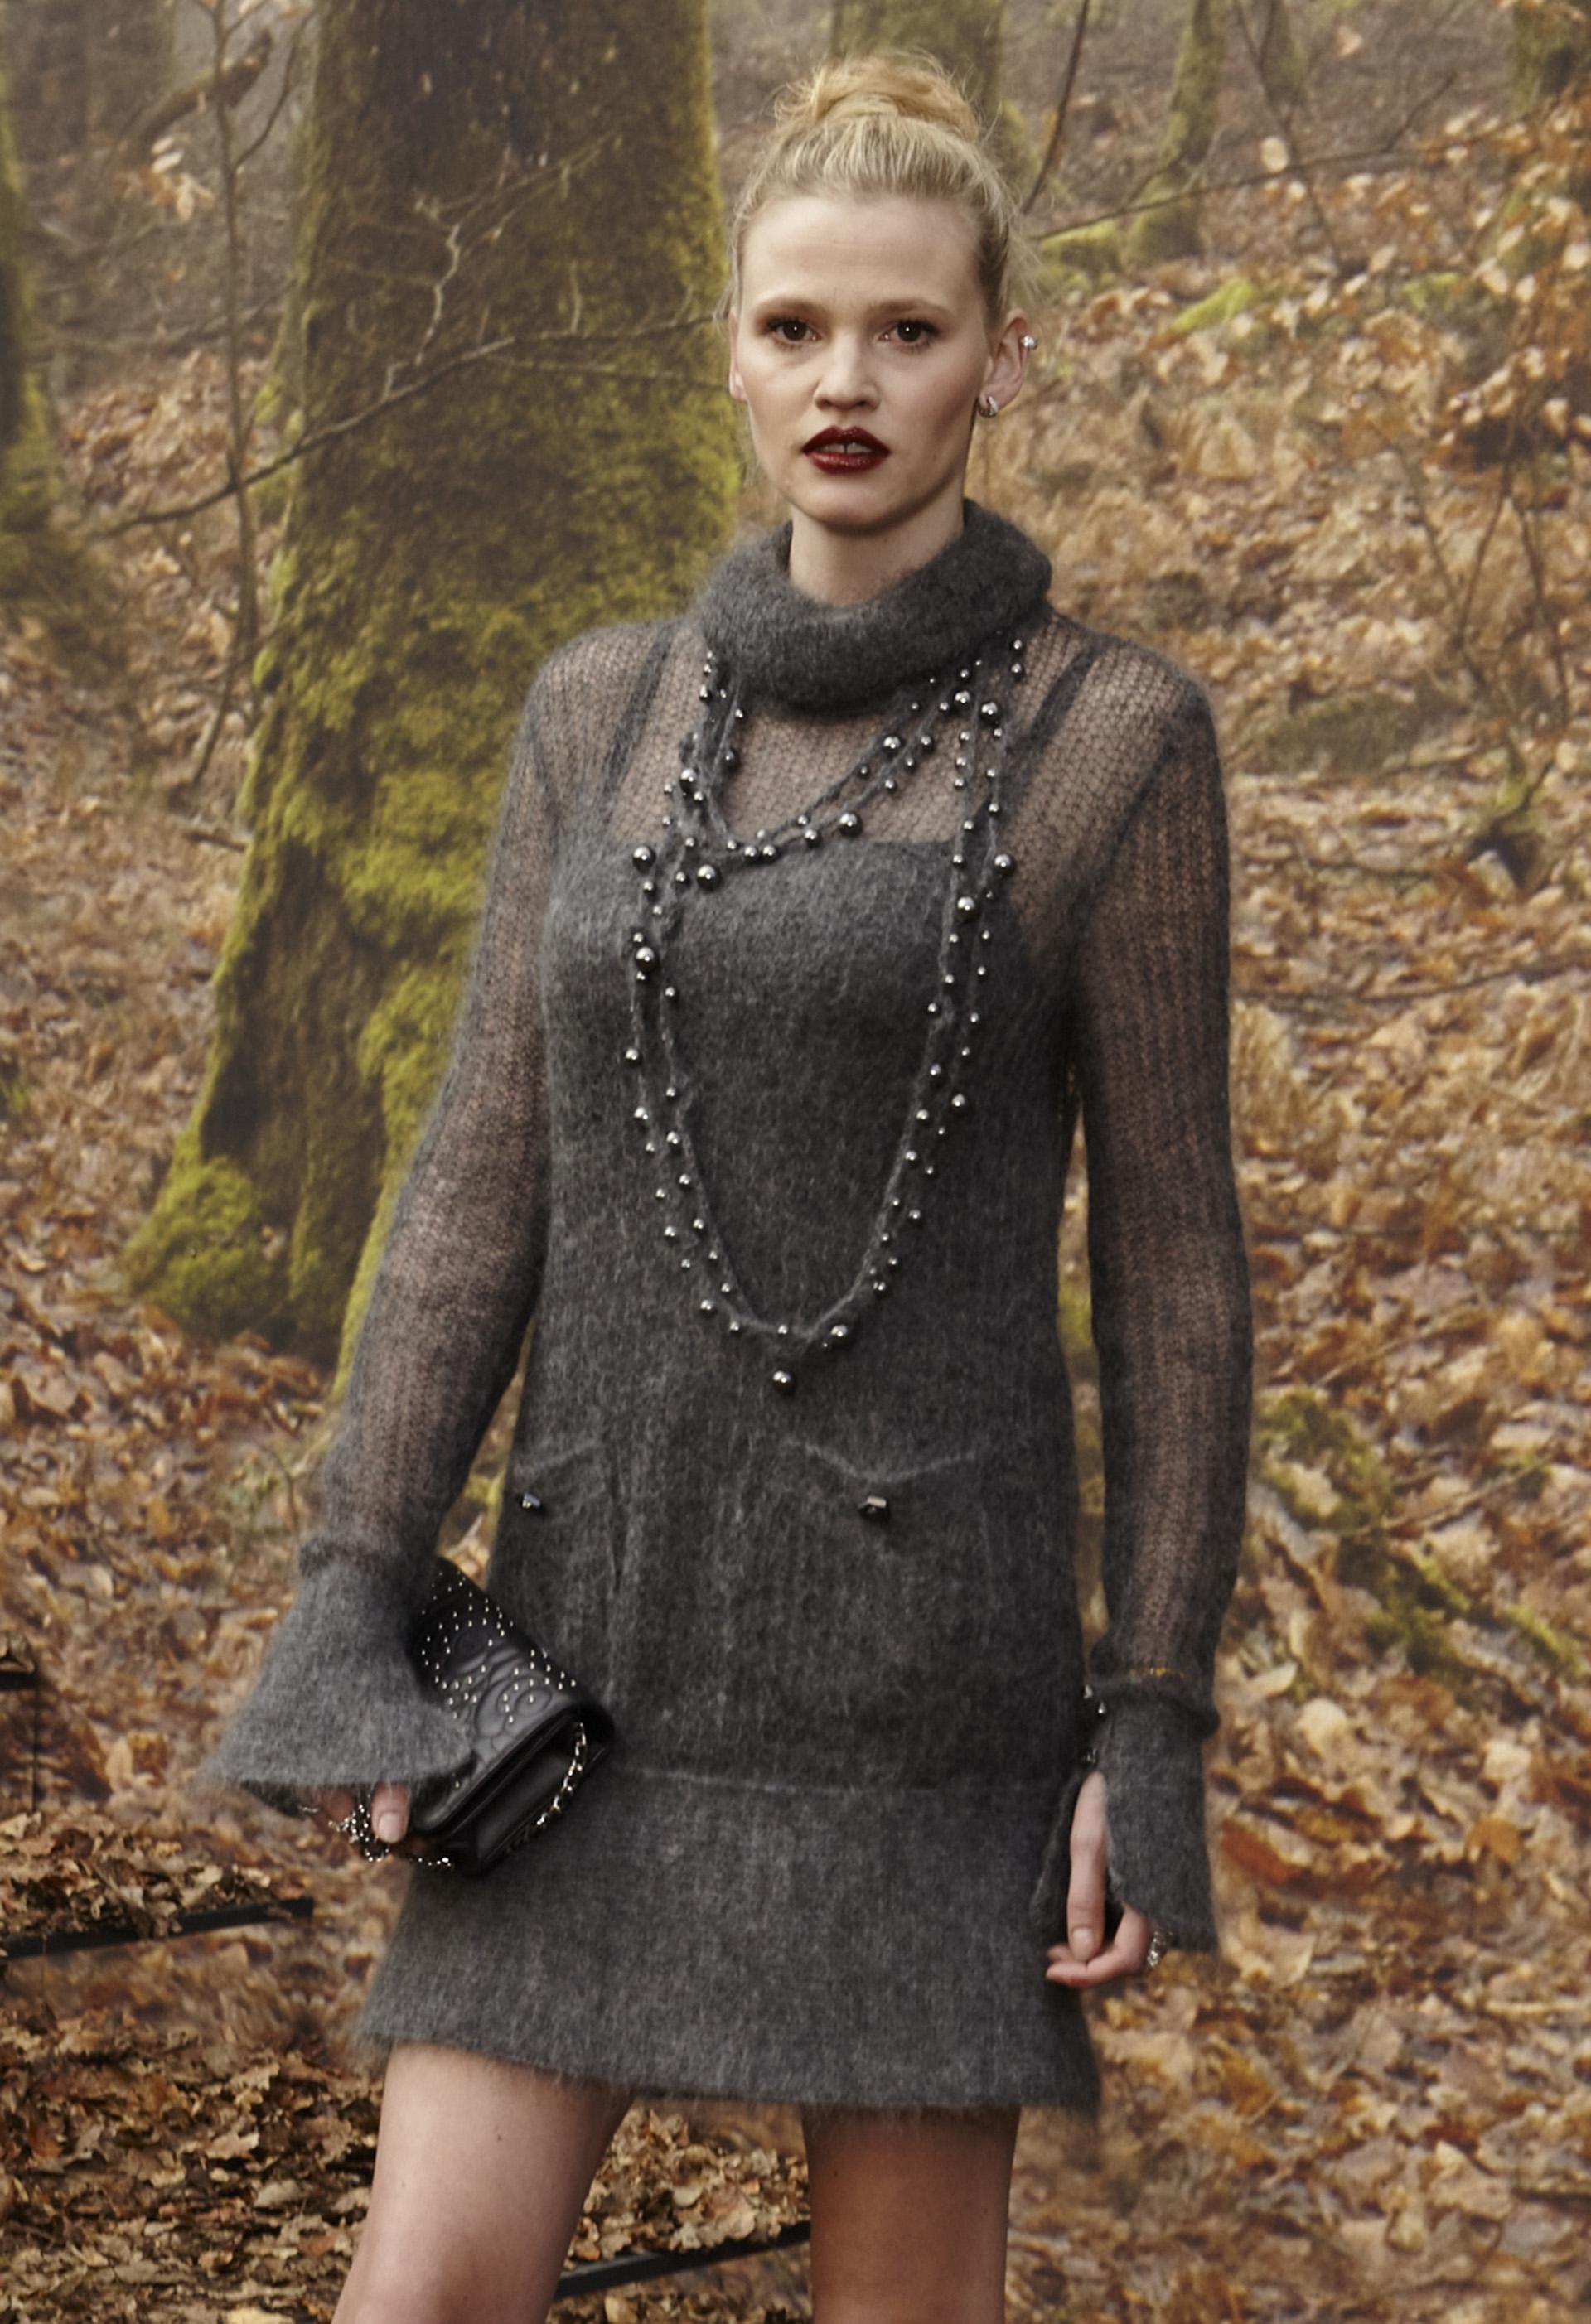 La modelo británica -Lara Stone- siguiendo la línea de la última presentación de Karl Lagerfeld con un vestido cashmere gris de cuello alto y pulños acampanados